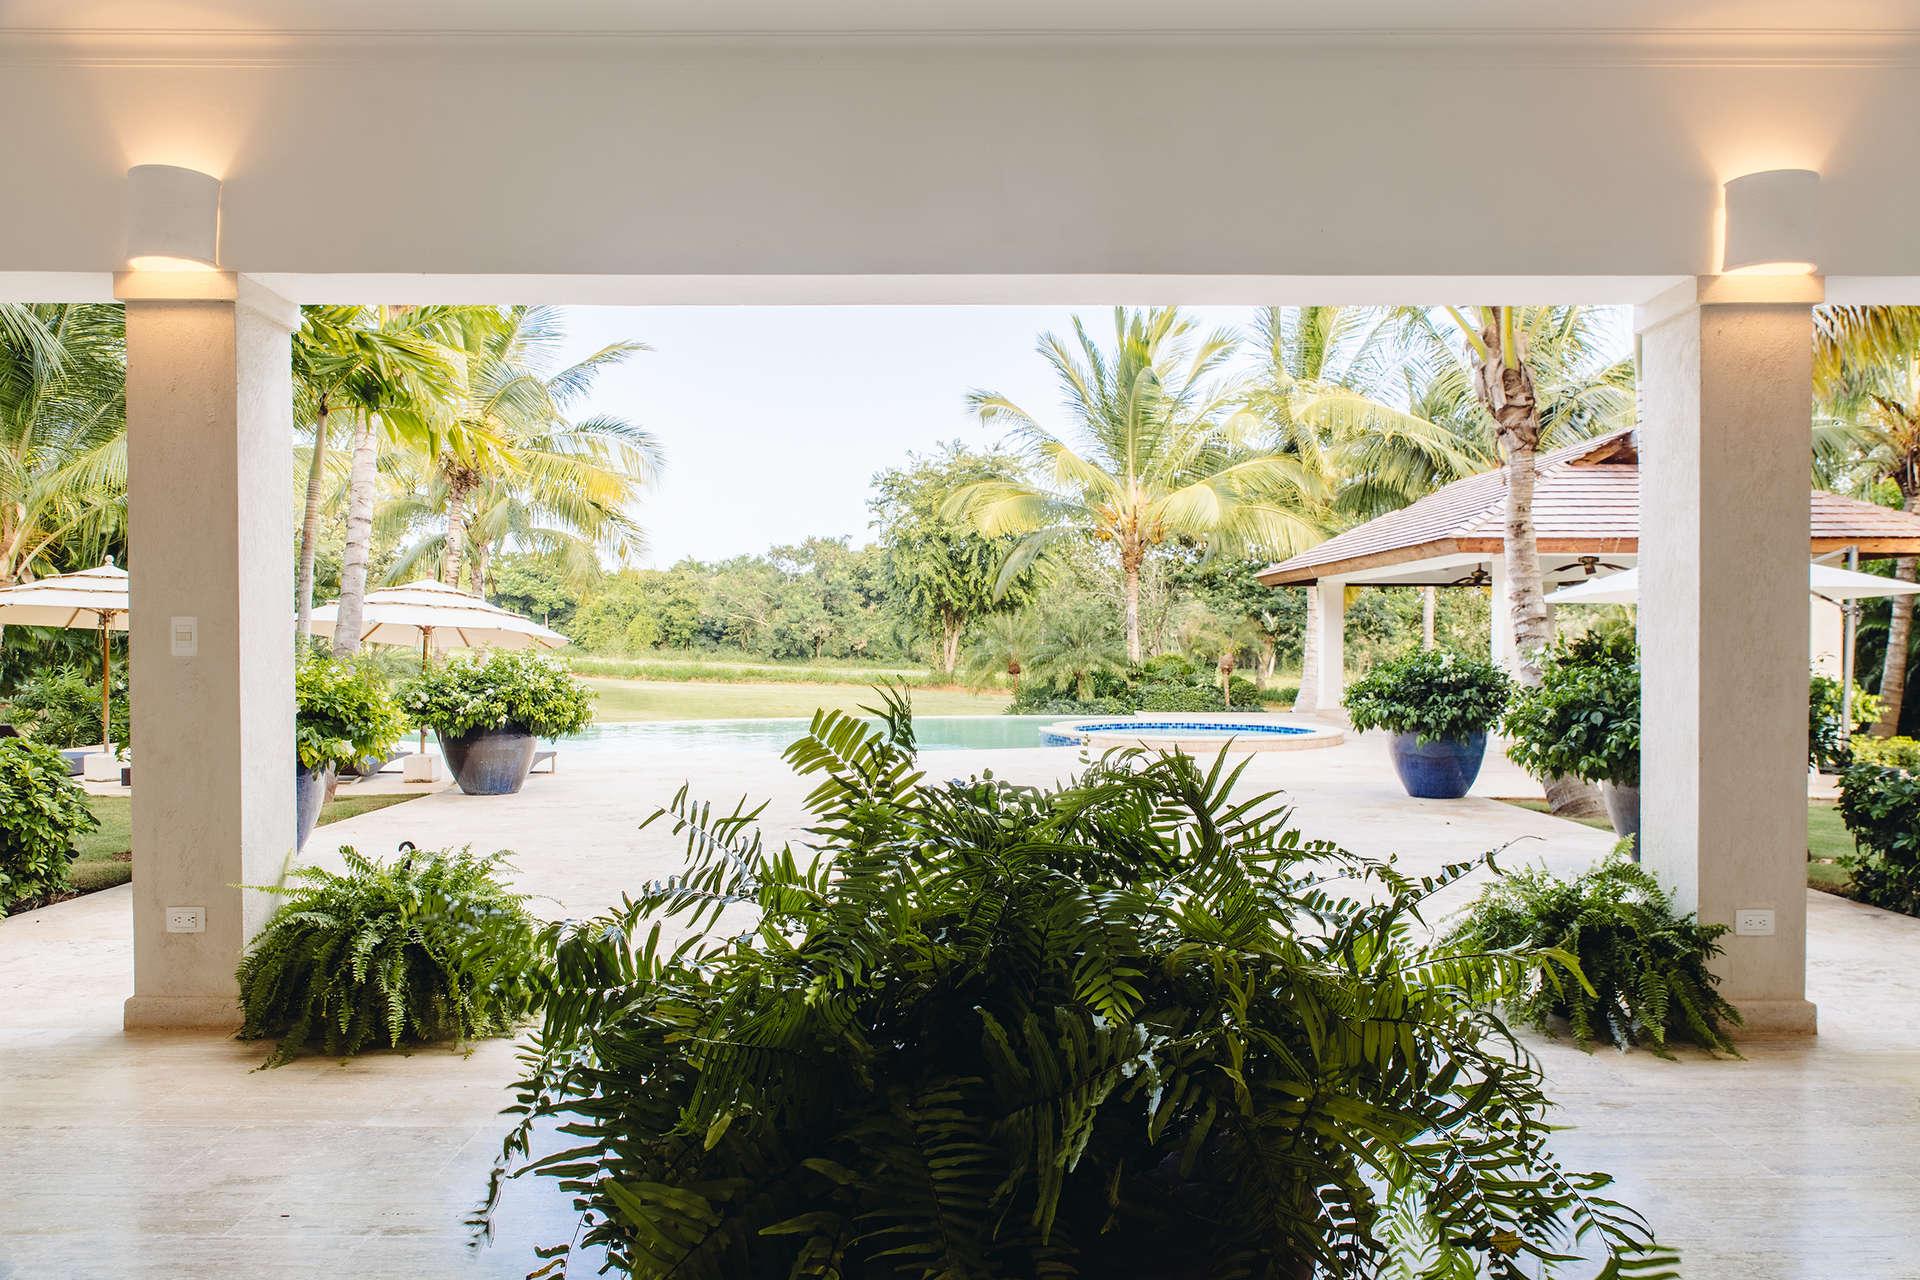 Luxury villa rentals caribbean - Dominican republic - Casa decampo - No location 4 - Vistamar 30 - Image 1/21